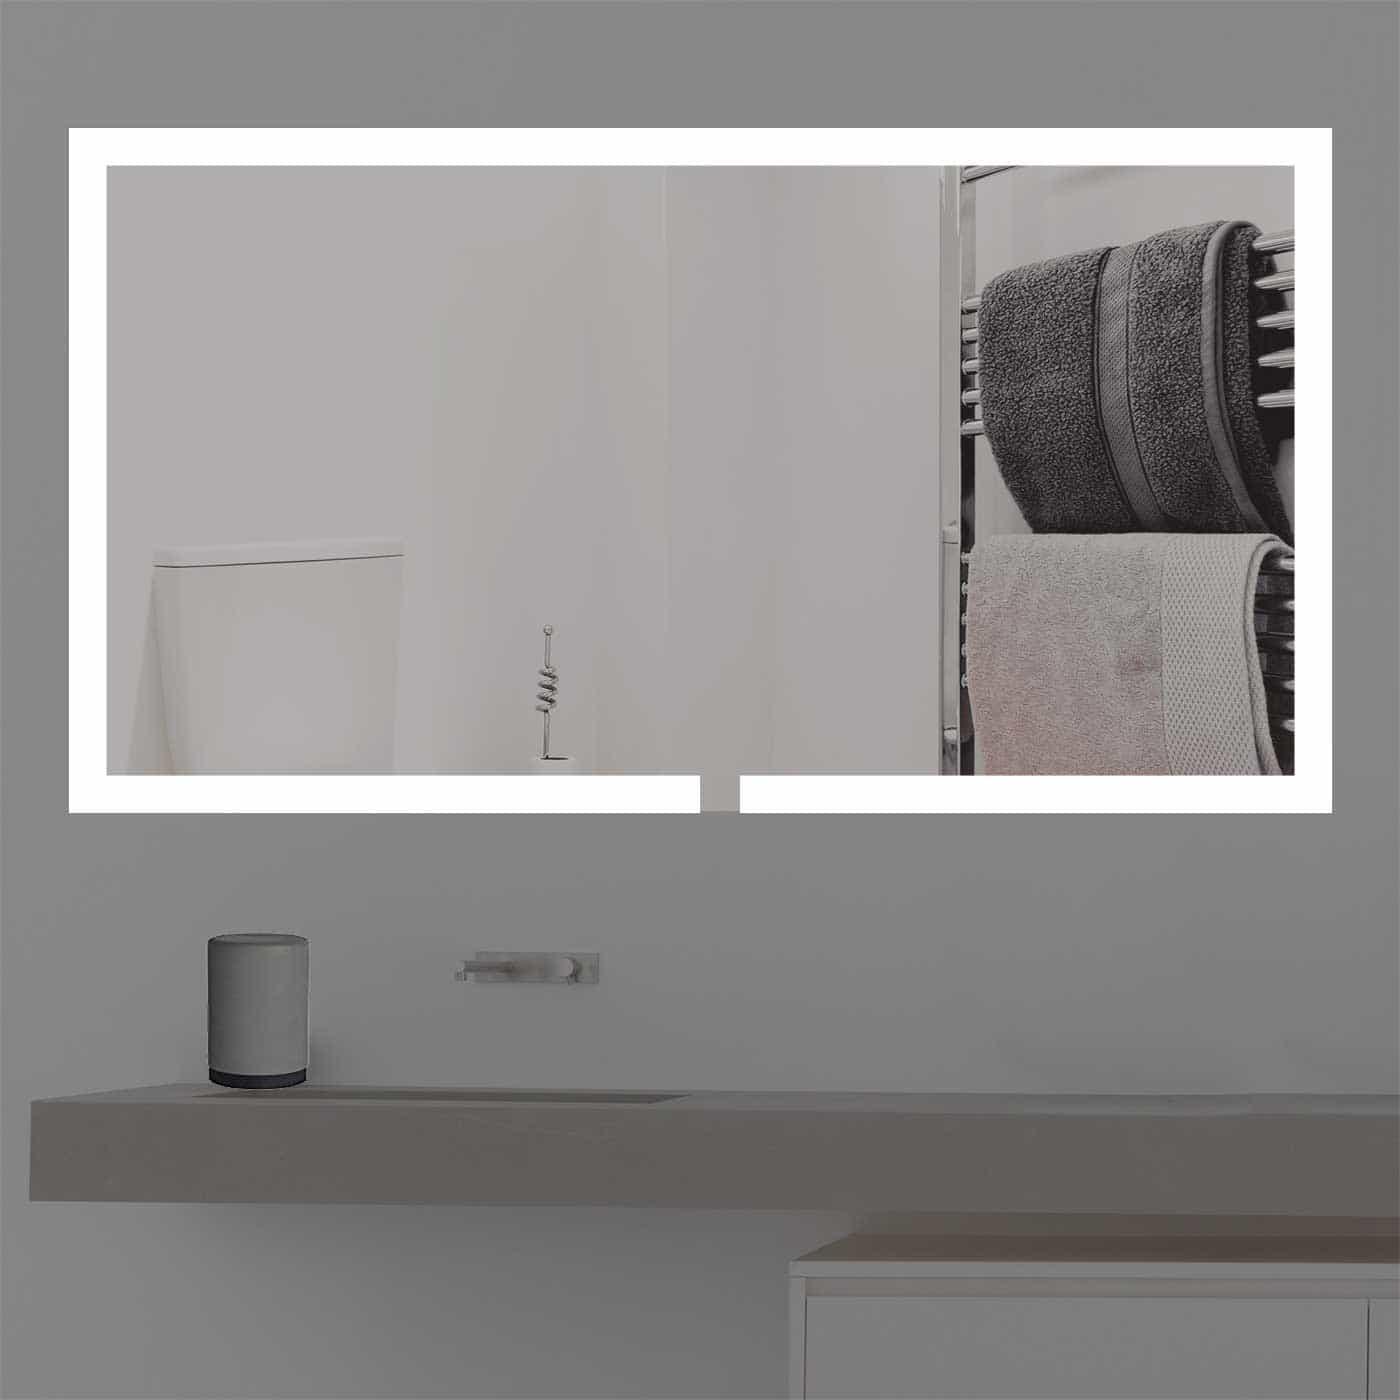 badspiegel beleuchtet online kaufen k1491. Black Bedroom Furniture Sets. Home Design Ideas